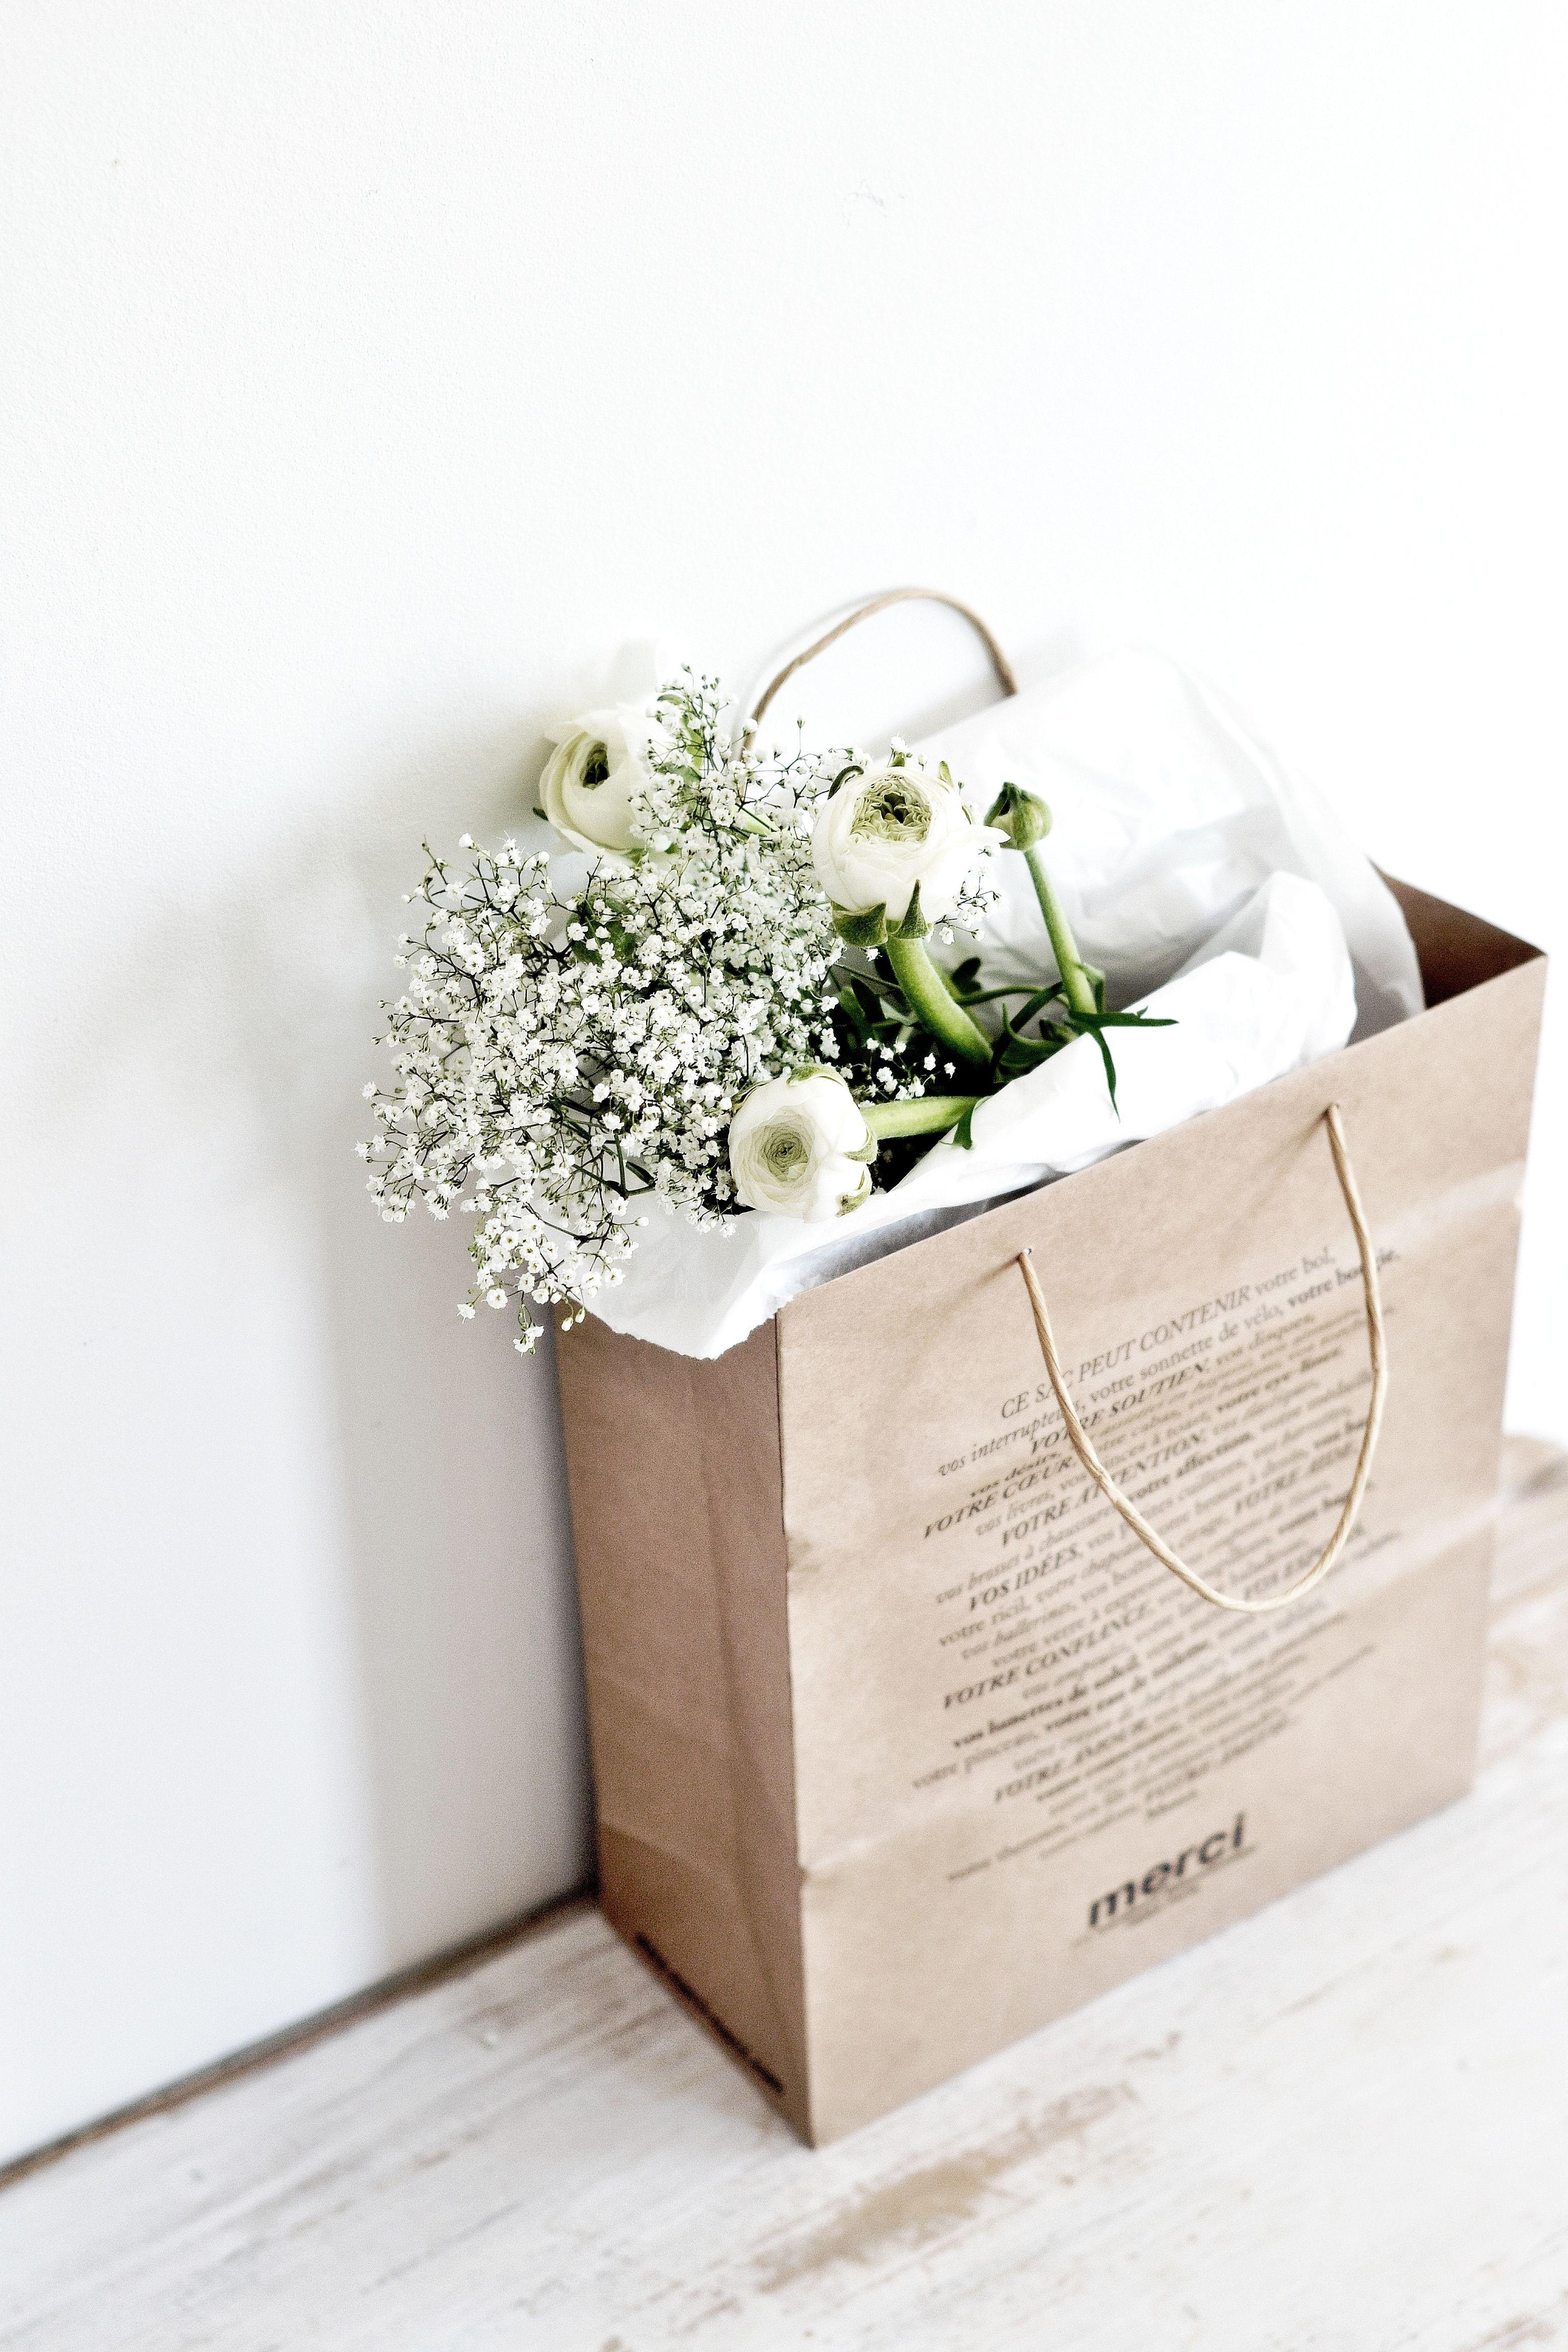 pingl par suka kang sur flower deco pinterest fleurs bouquet et jardins. Black Bedroom Furniture Sets. Home Design Ideas